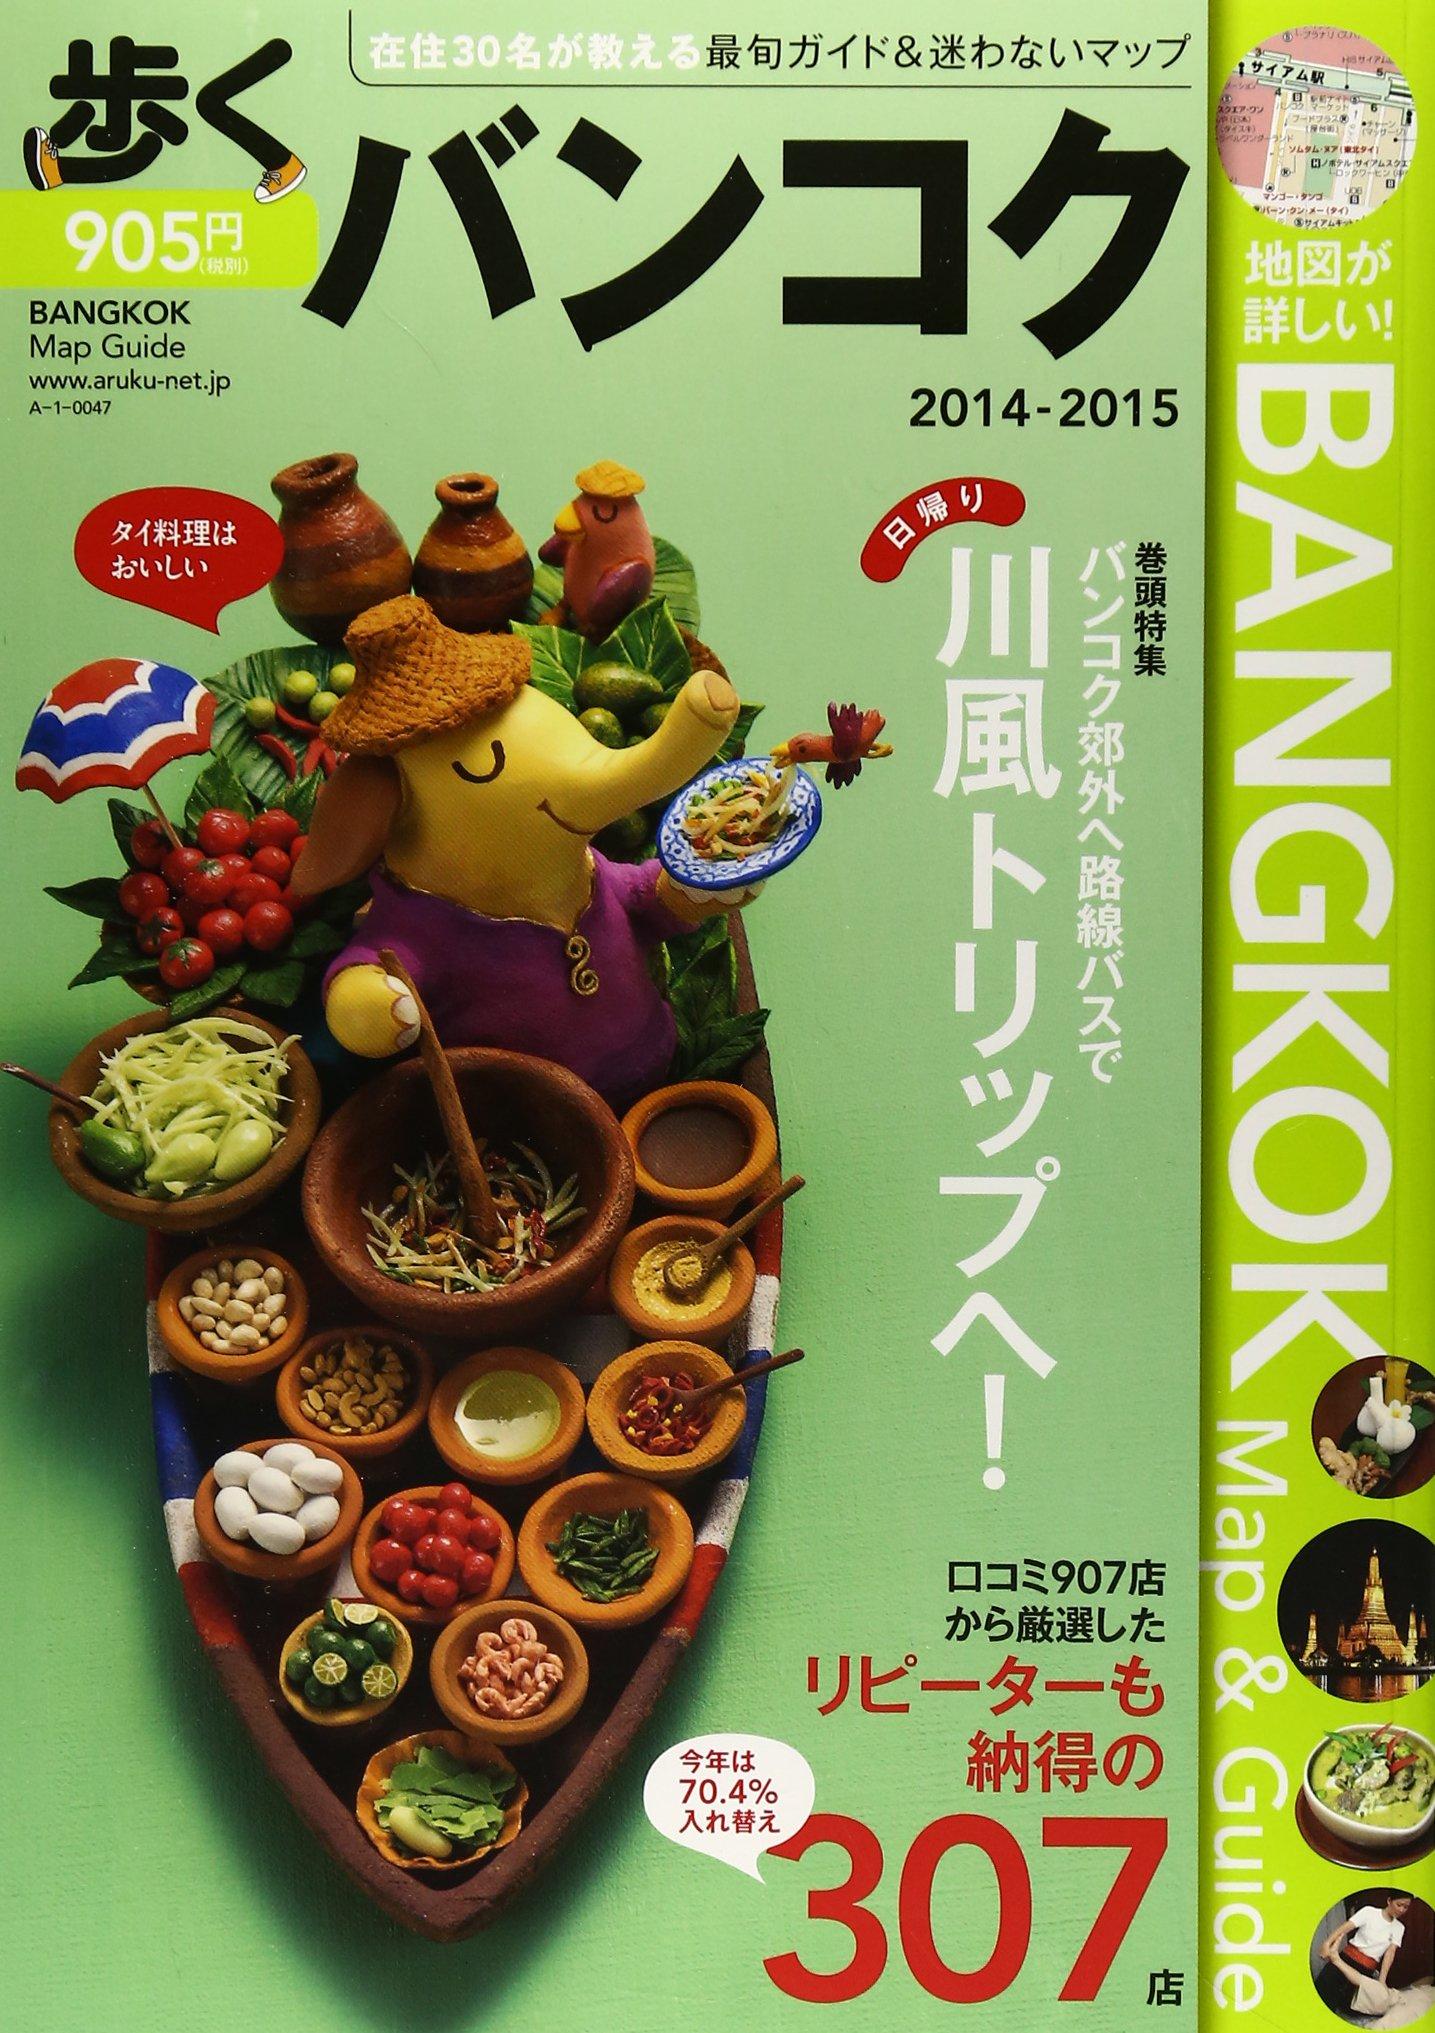 歩くバンコク2014-2015 (歩くシリーズ)